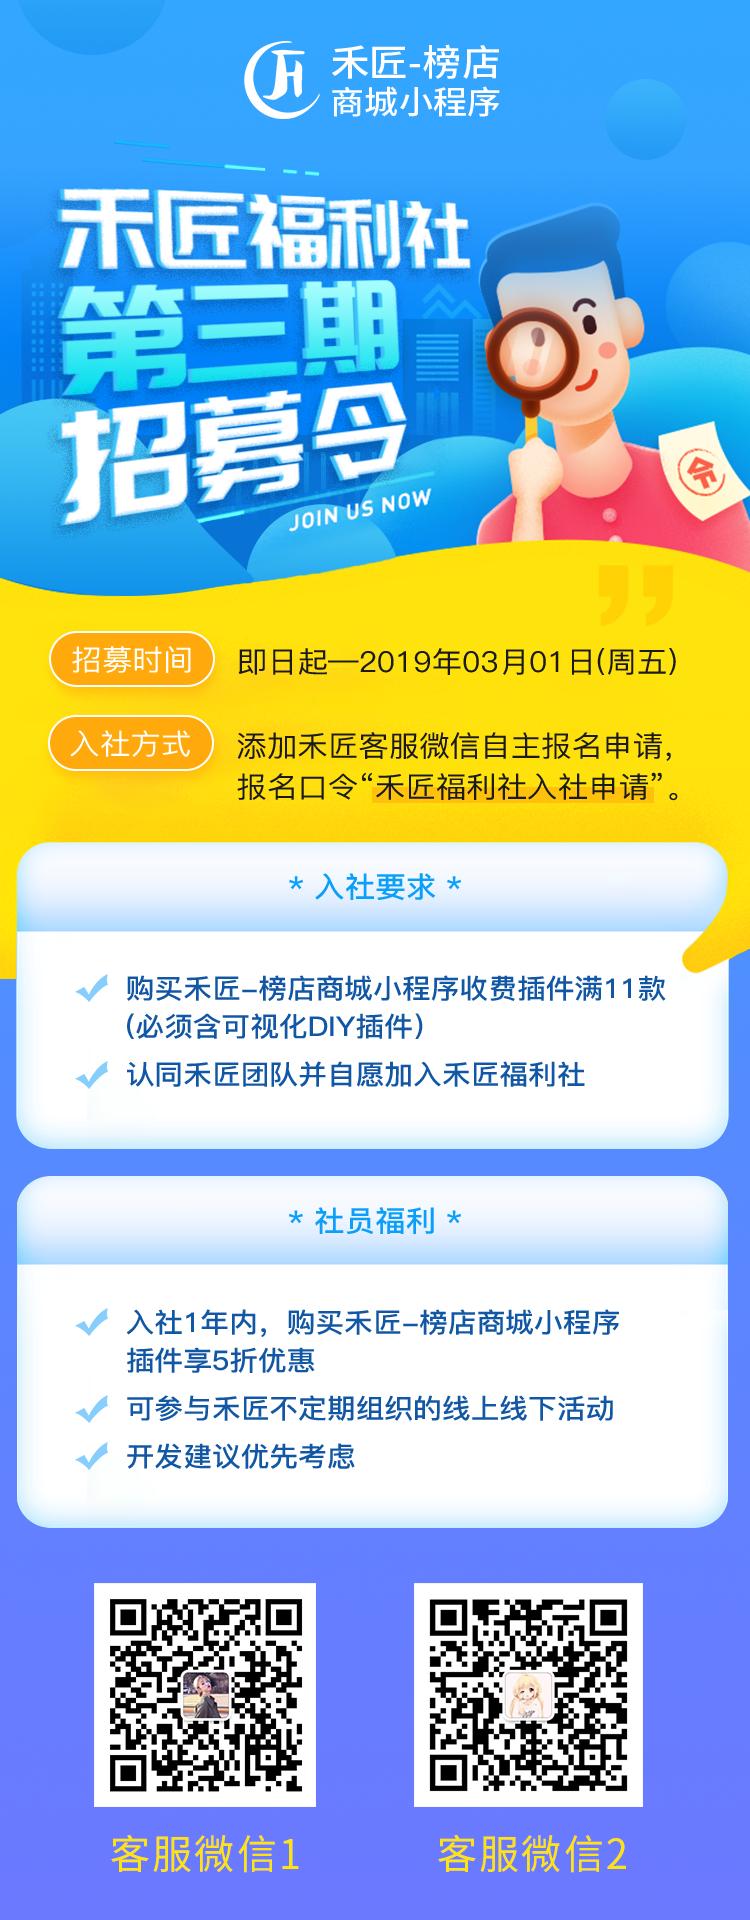 福利社3期(1).png